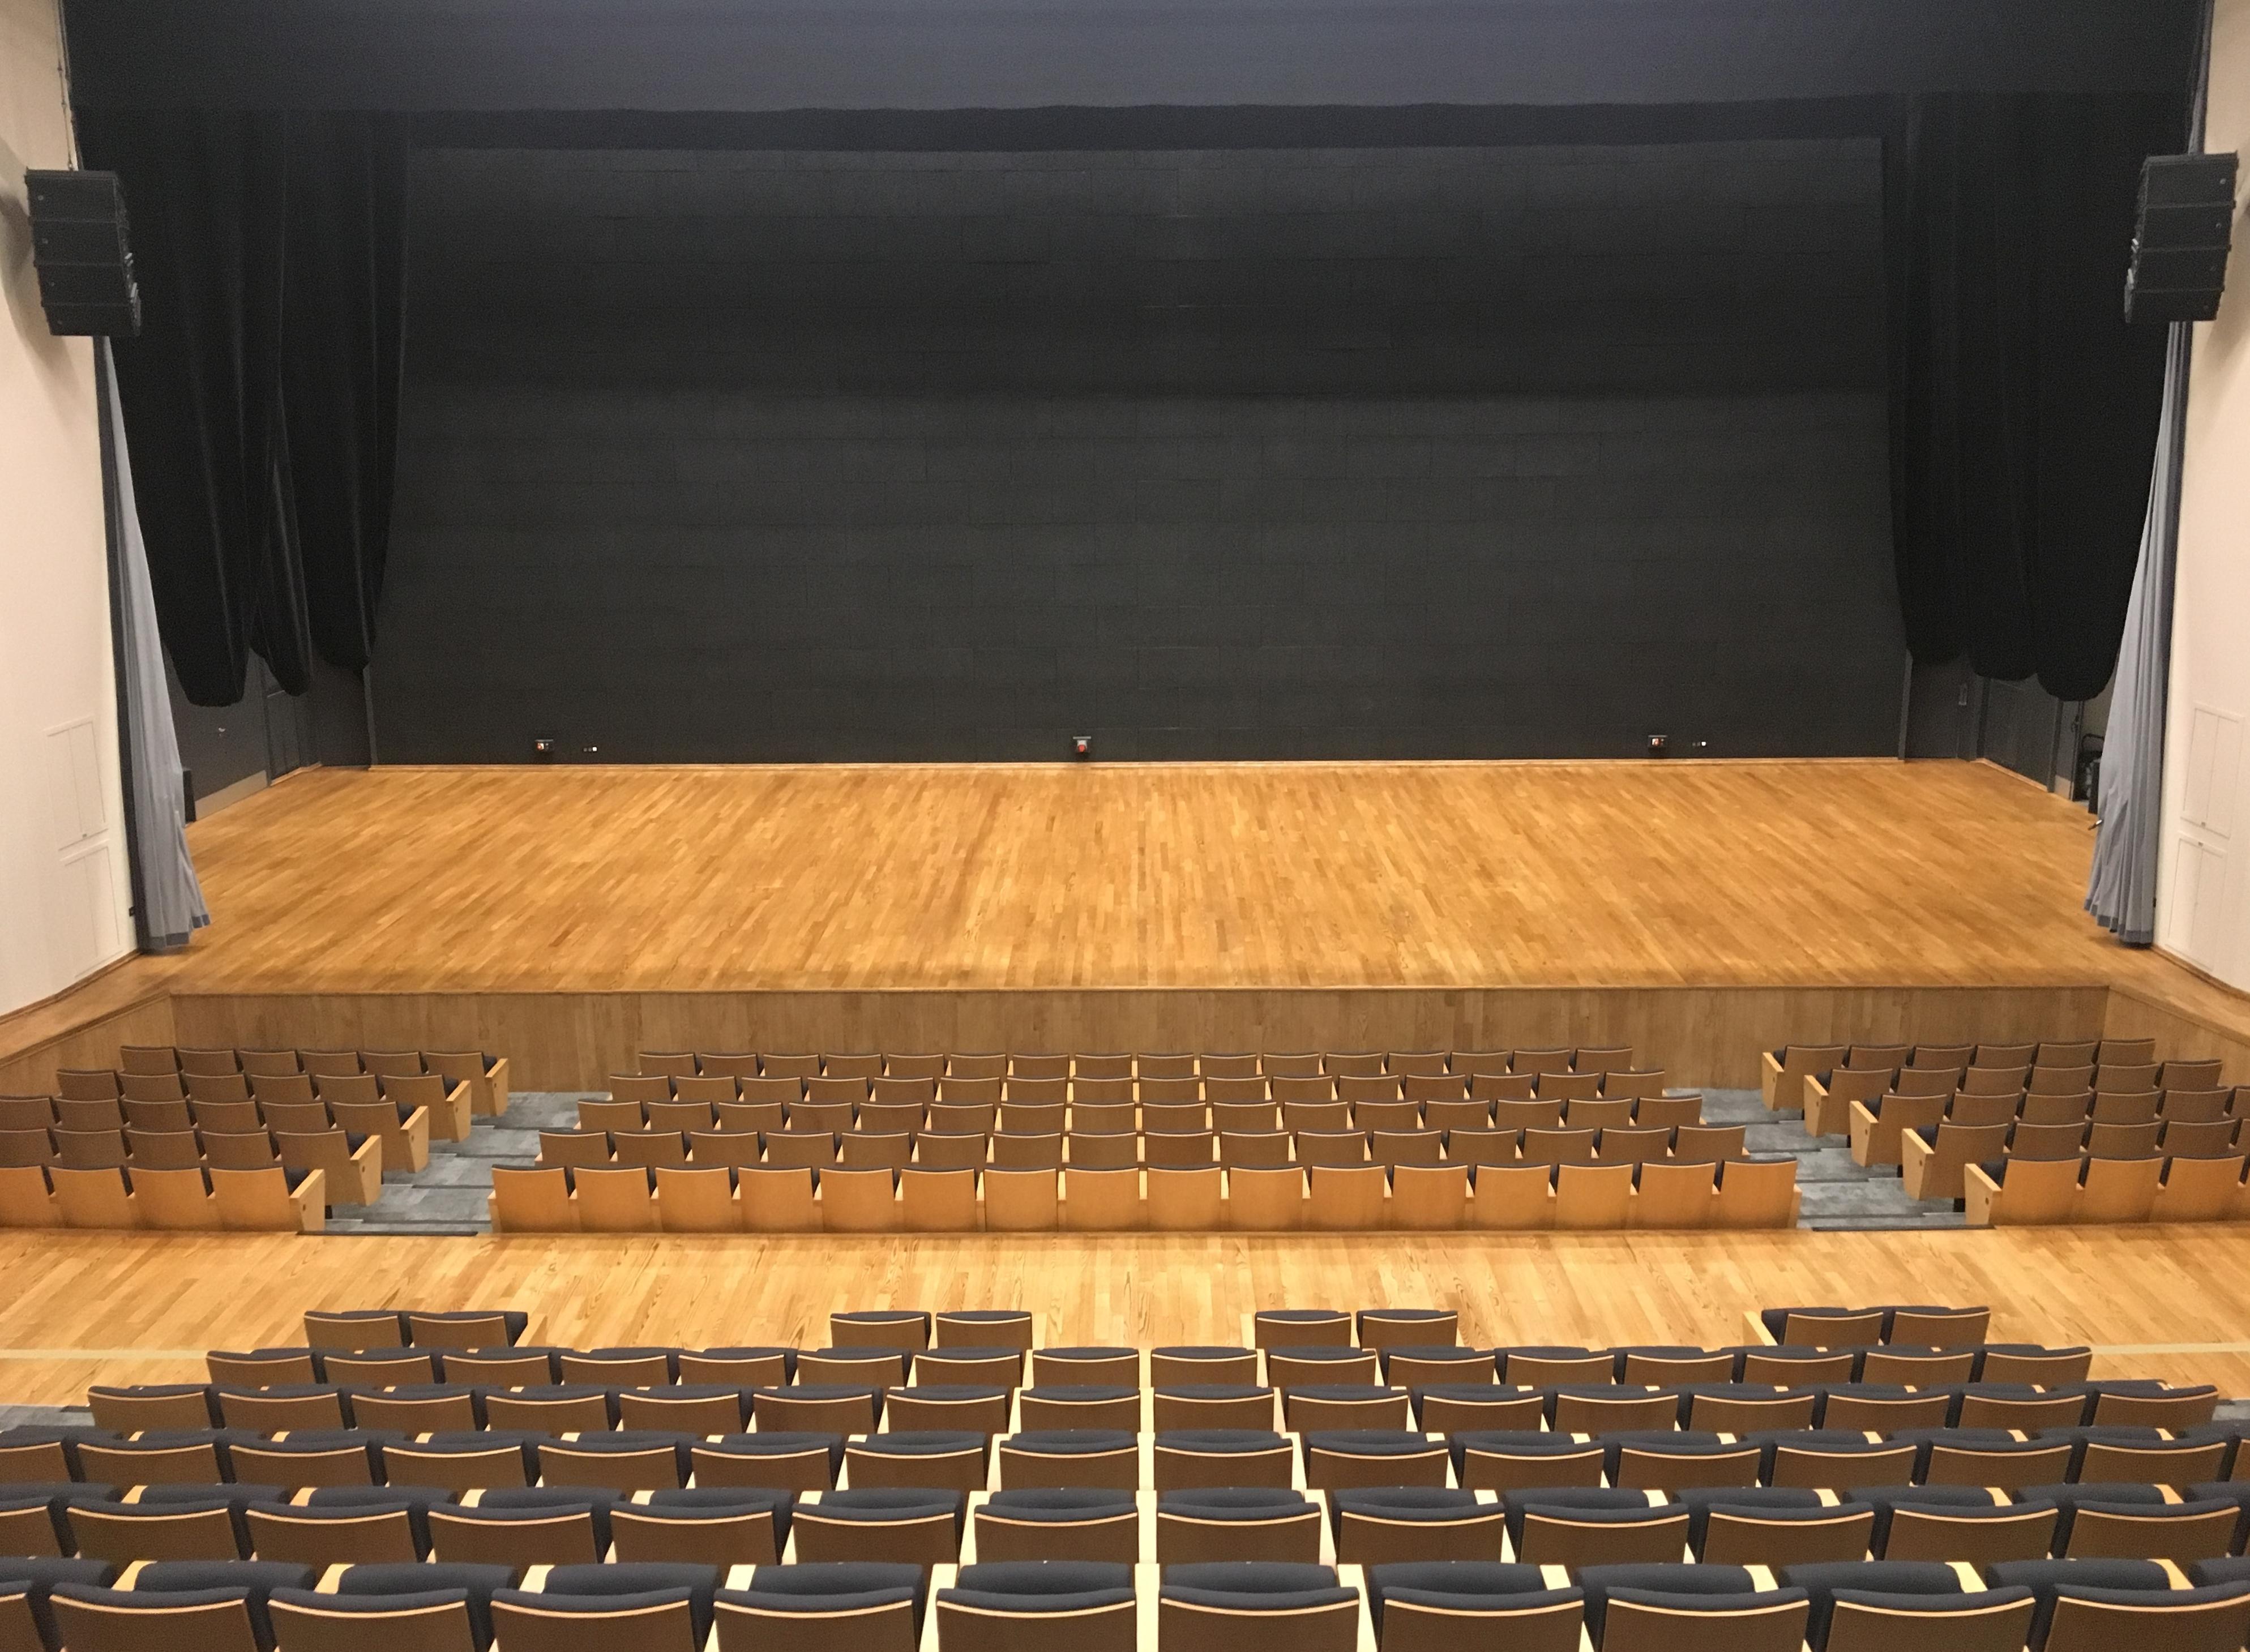 Plancher de scène du Centre des Congrès de Valenciennes